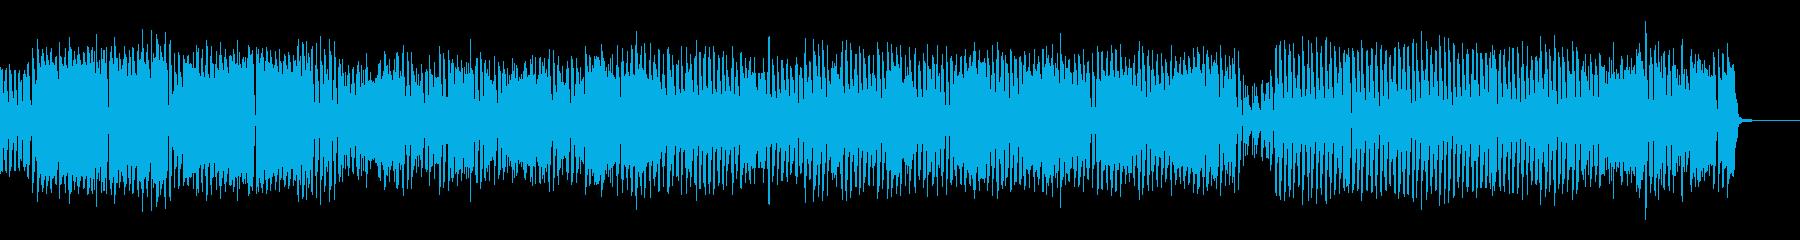 運動会定番クシコスポスト バンドアレンジの再生済みの波形